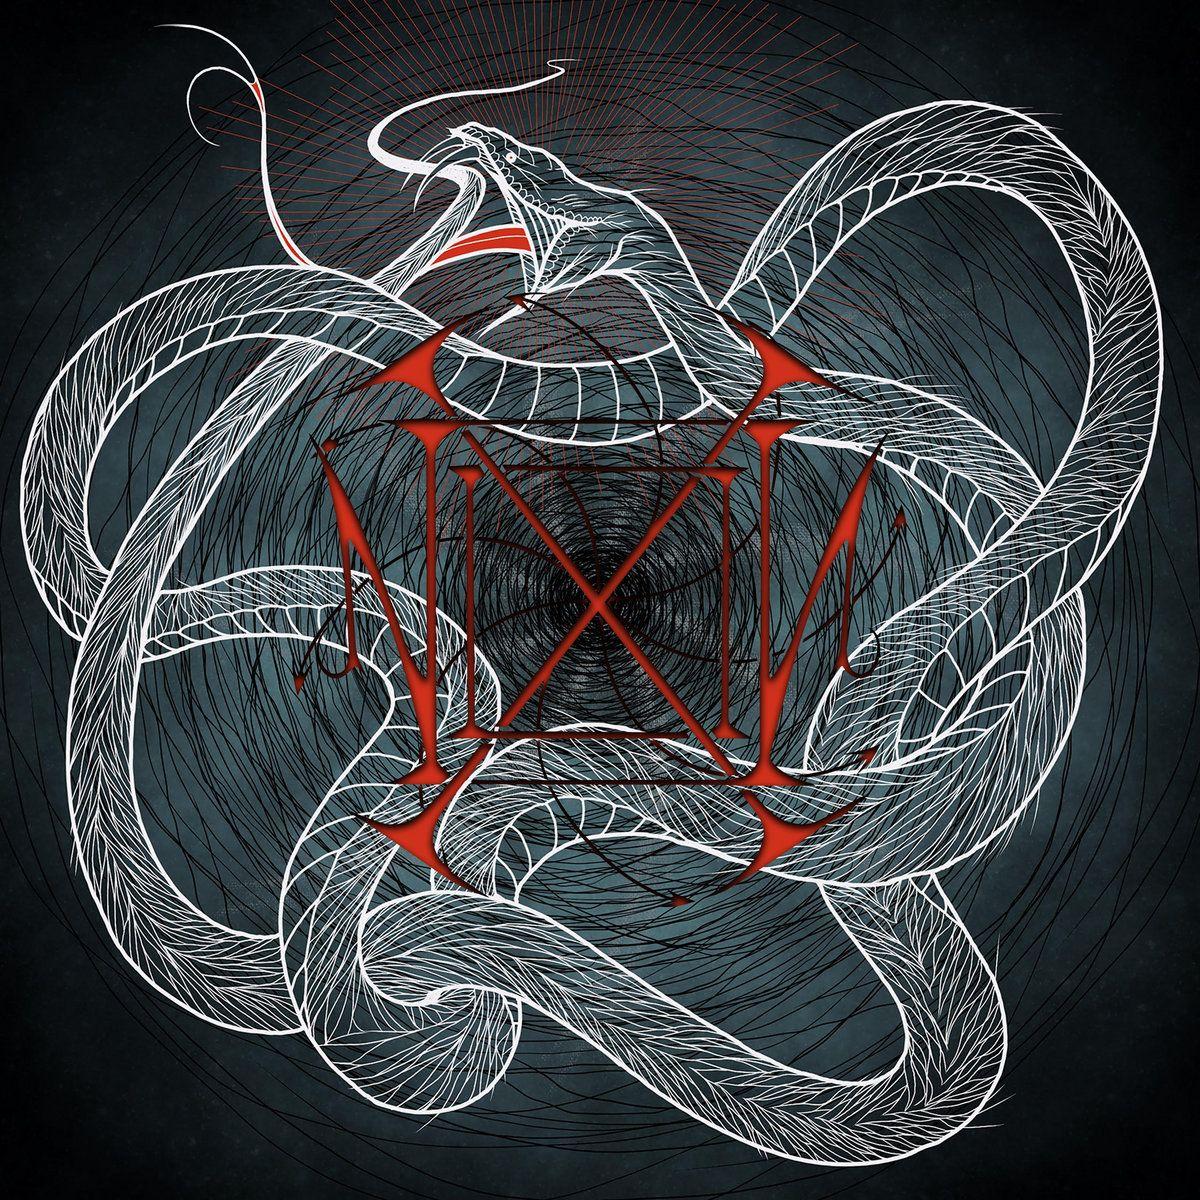 Nixil - All Knots Untied